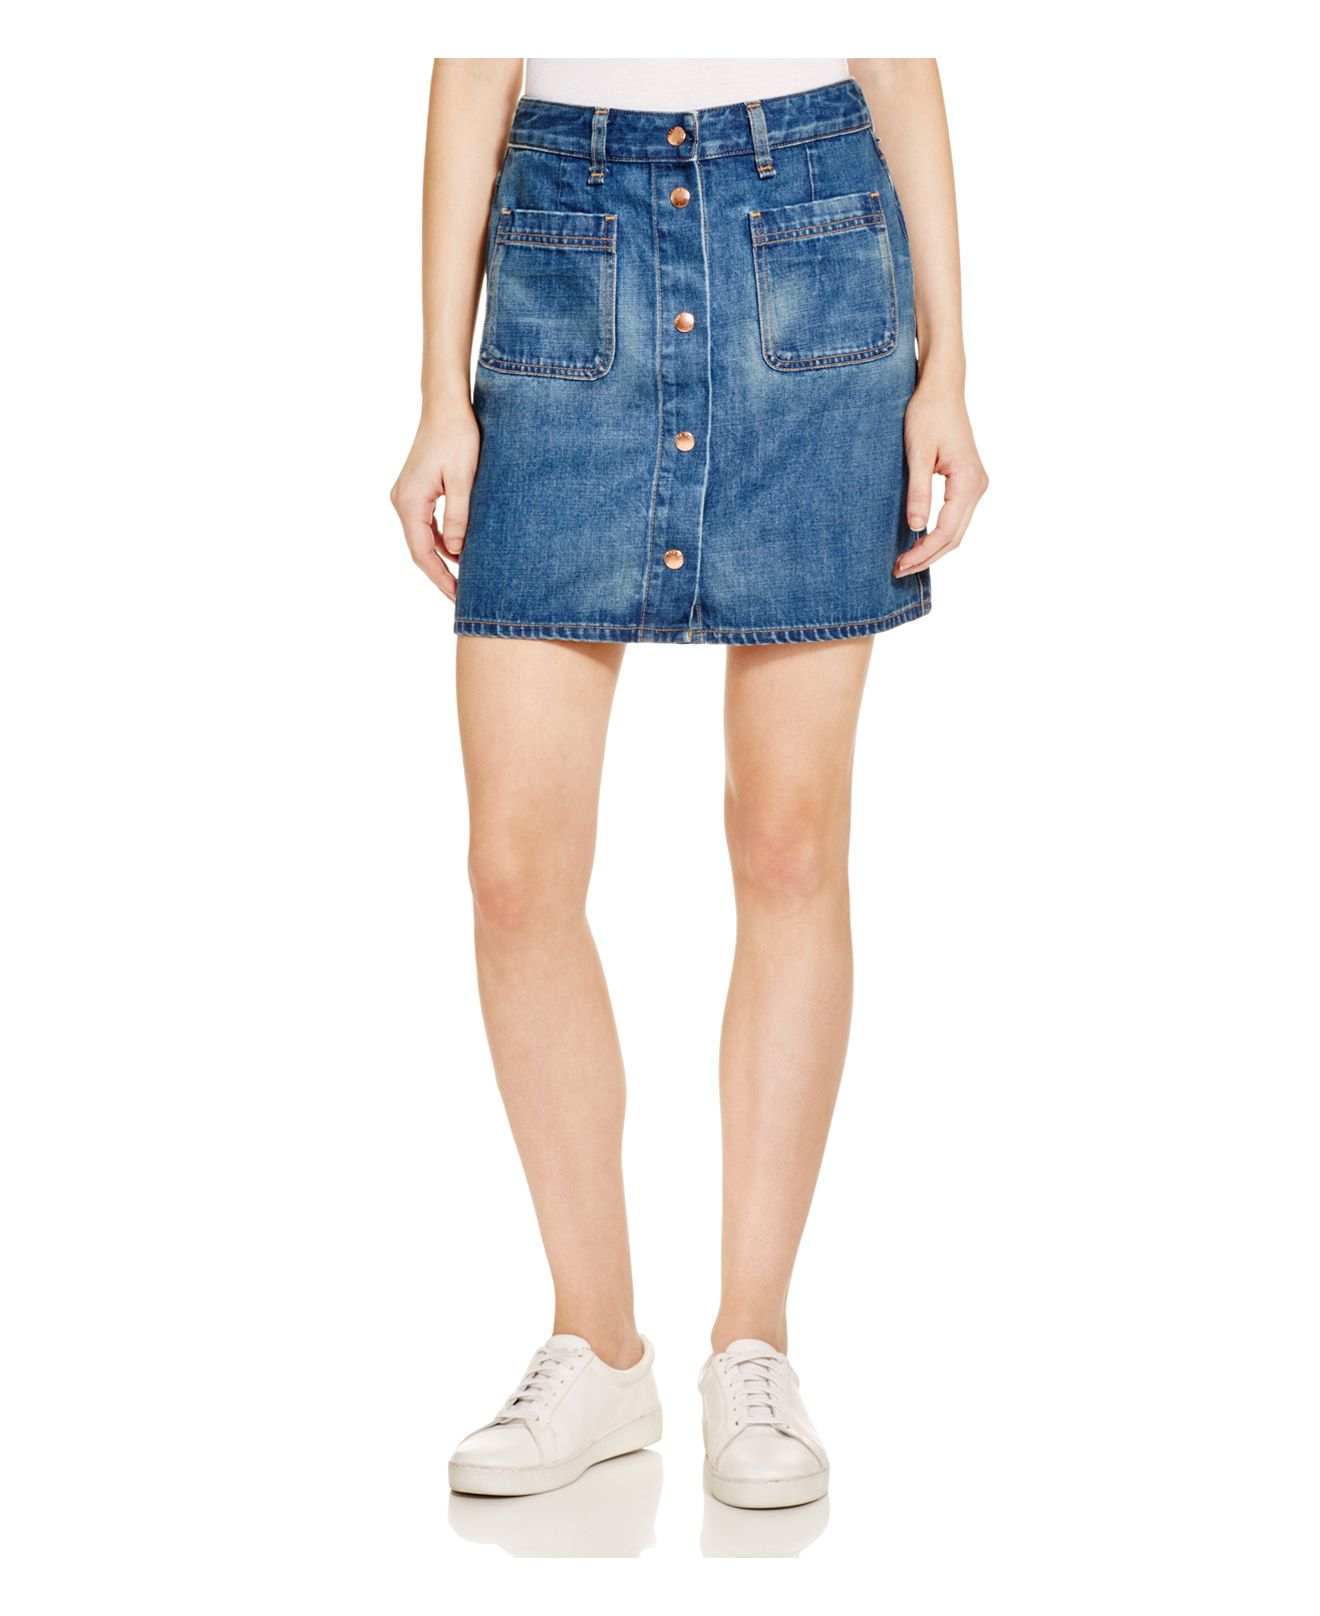 Rag & bone Mini Santa Cruz Denim Skirt In Capitol in Blue ...